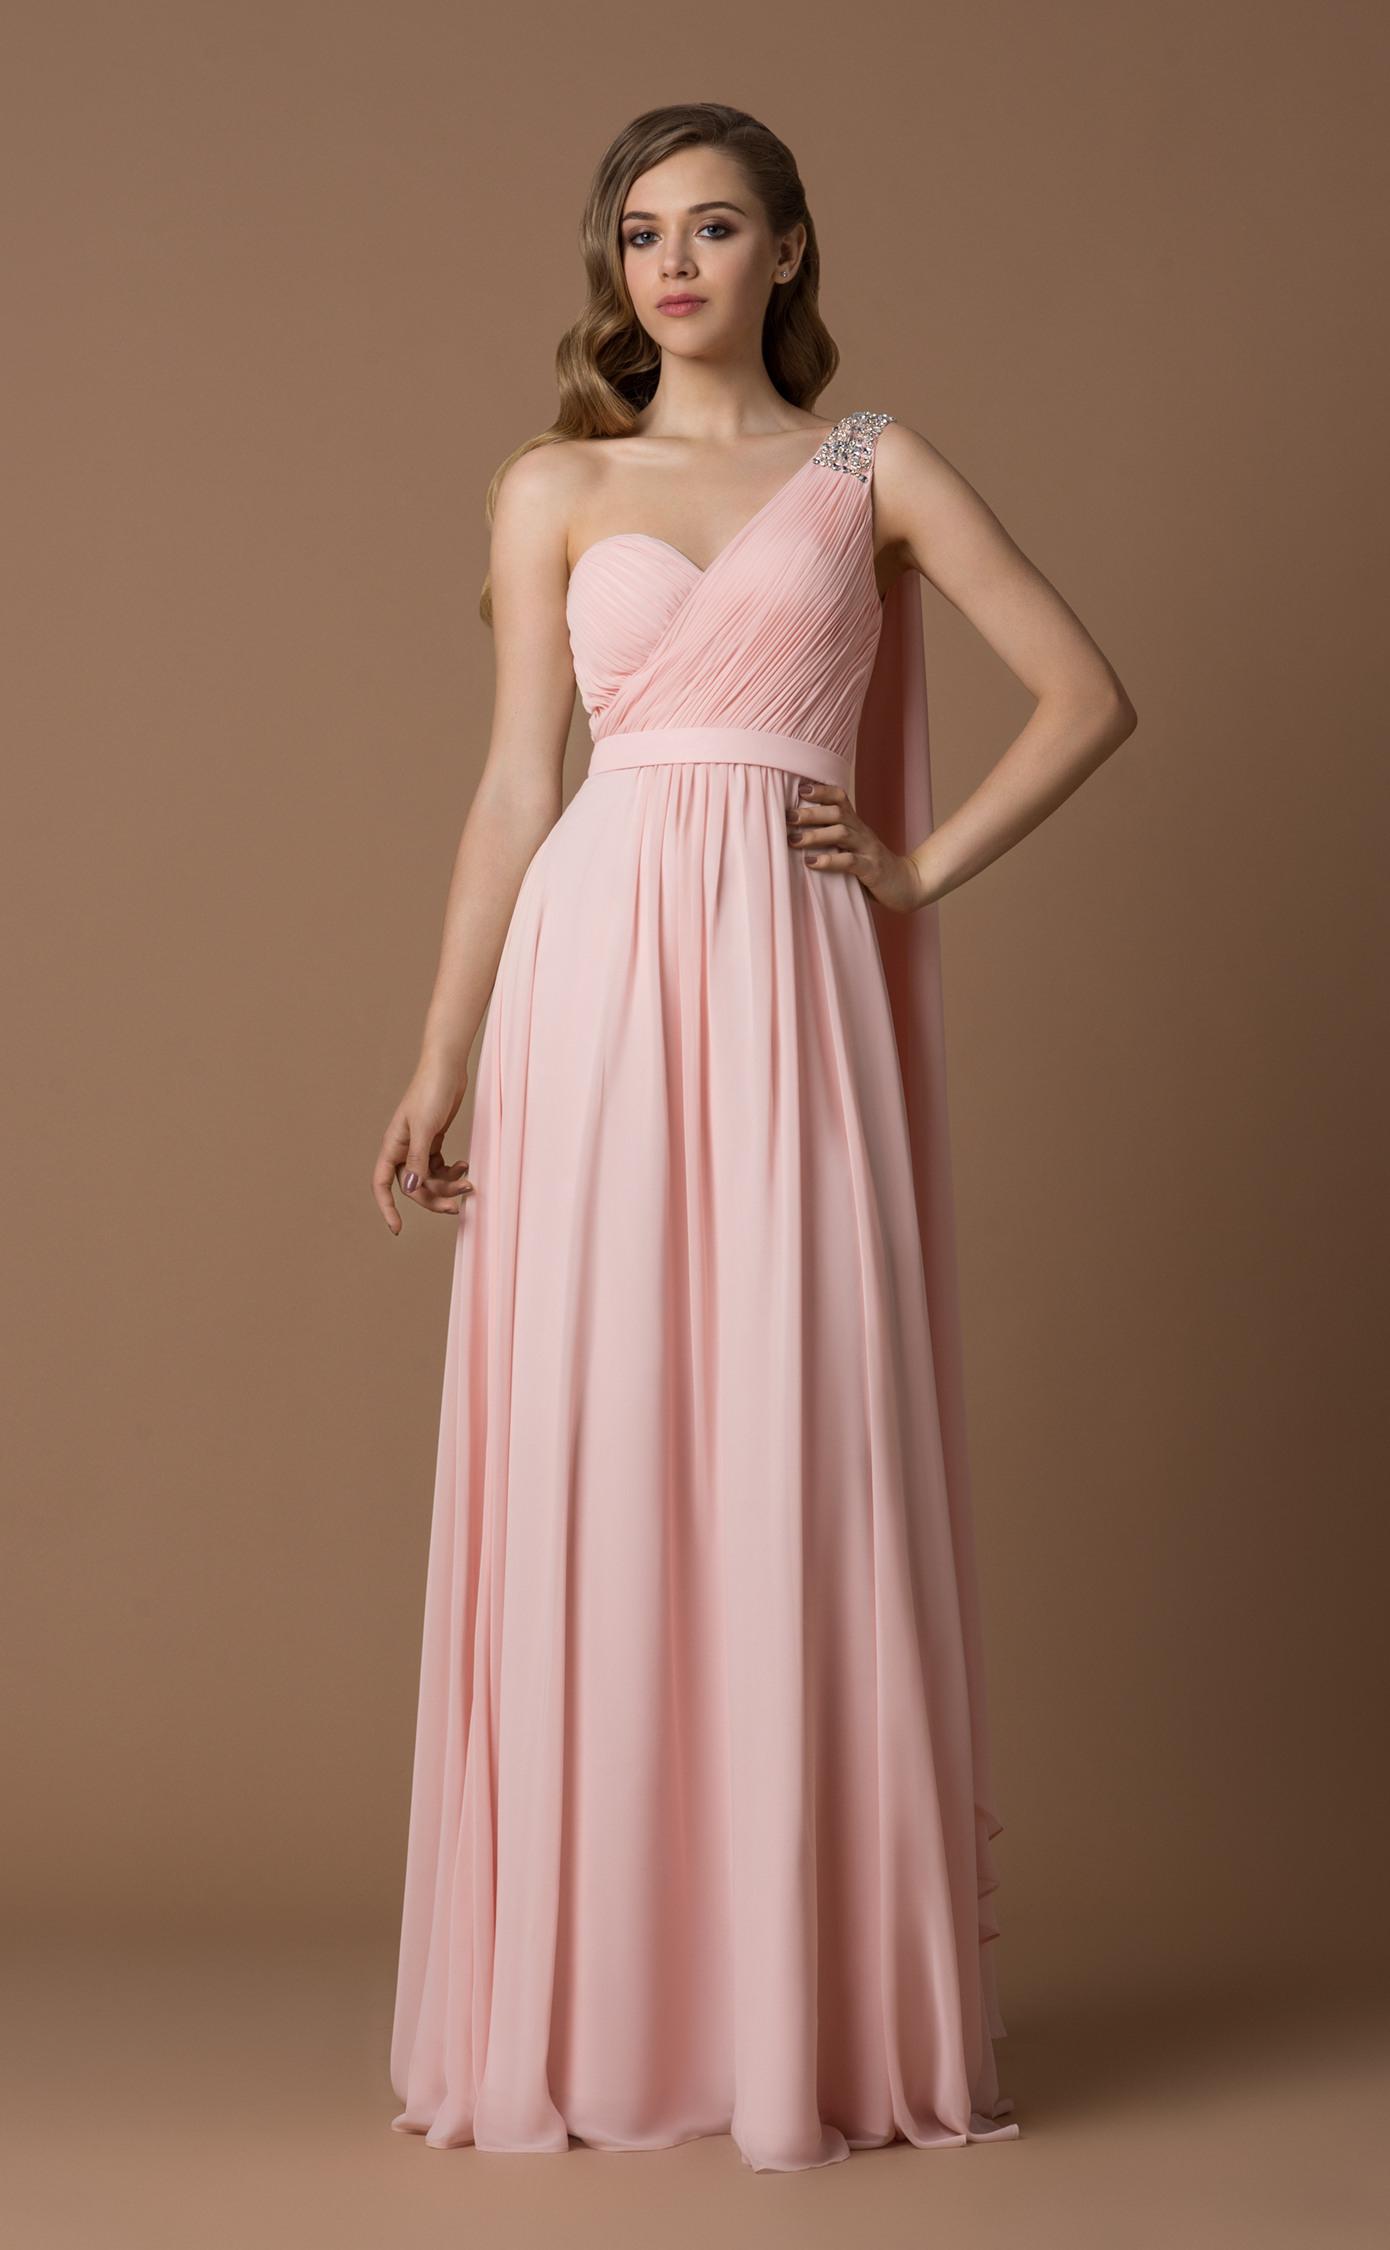 Formal Wunderbar Rosa Abend Kleid Design10 Spektakulär Rosa Abend Kleid Boutique